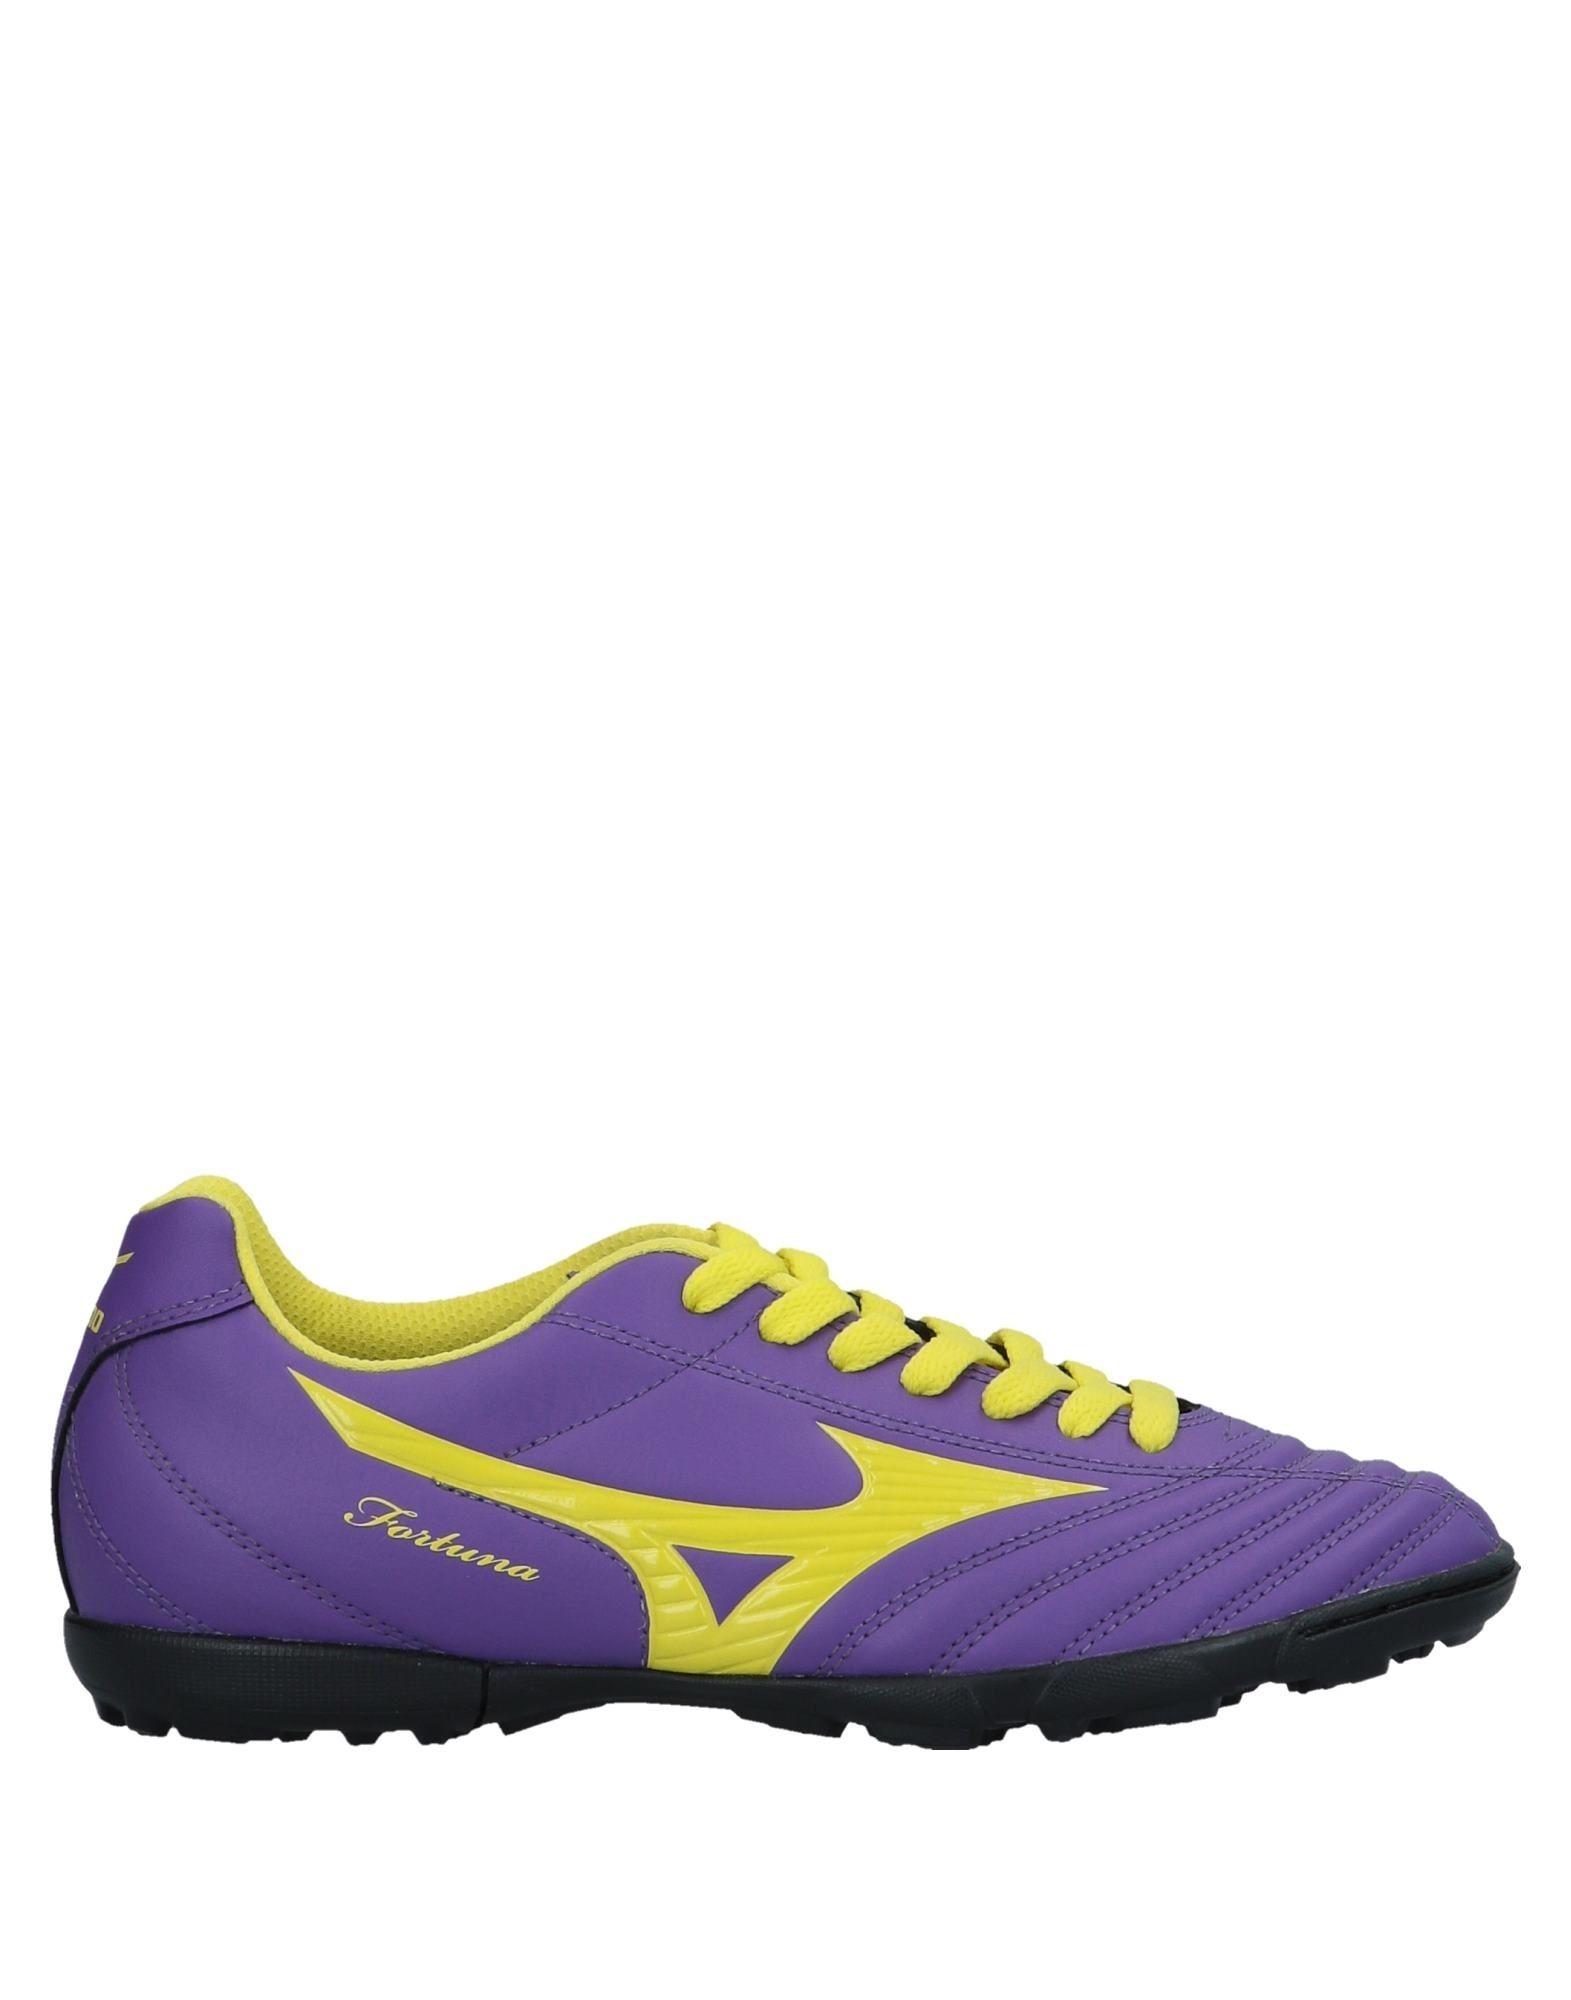 Rabatt echte Schuhe Mizuno Sneakers Herren  11098878UM